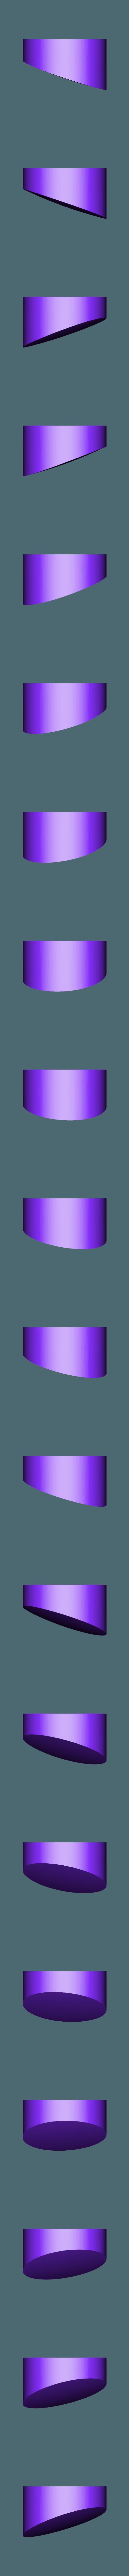 pupil right black.stl Télécharger fichier STL gratuit Chococat (チョコキャット, Chokokyatto) • Objet à imprimer en 3D, Jangie